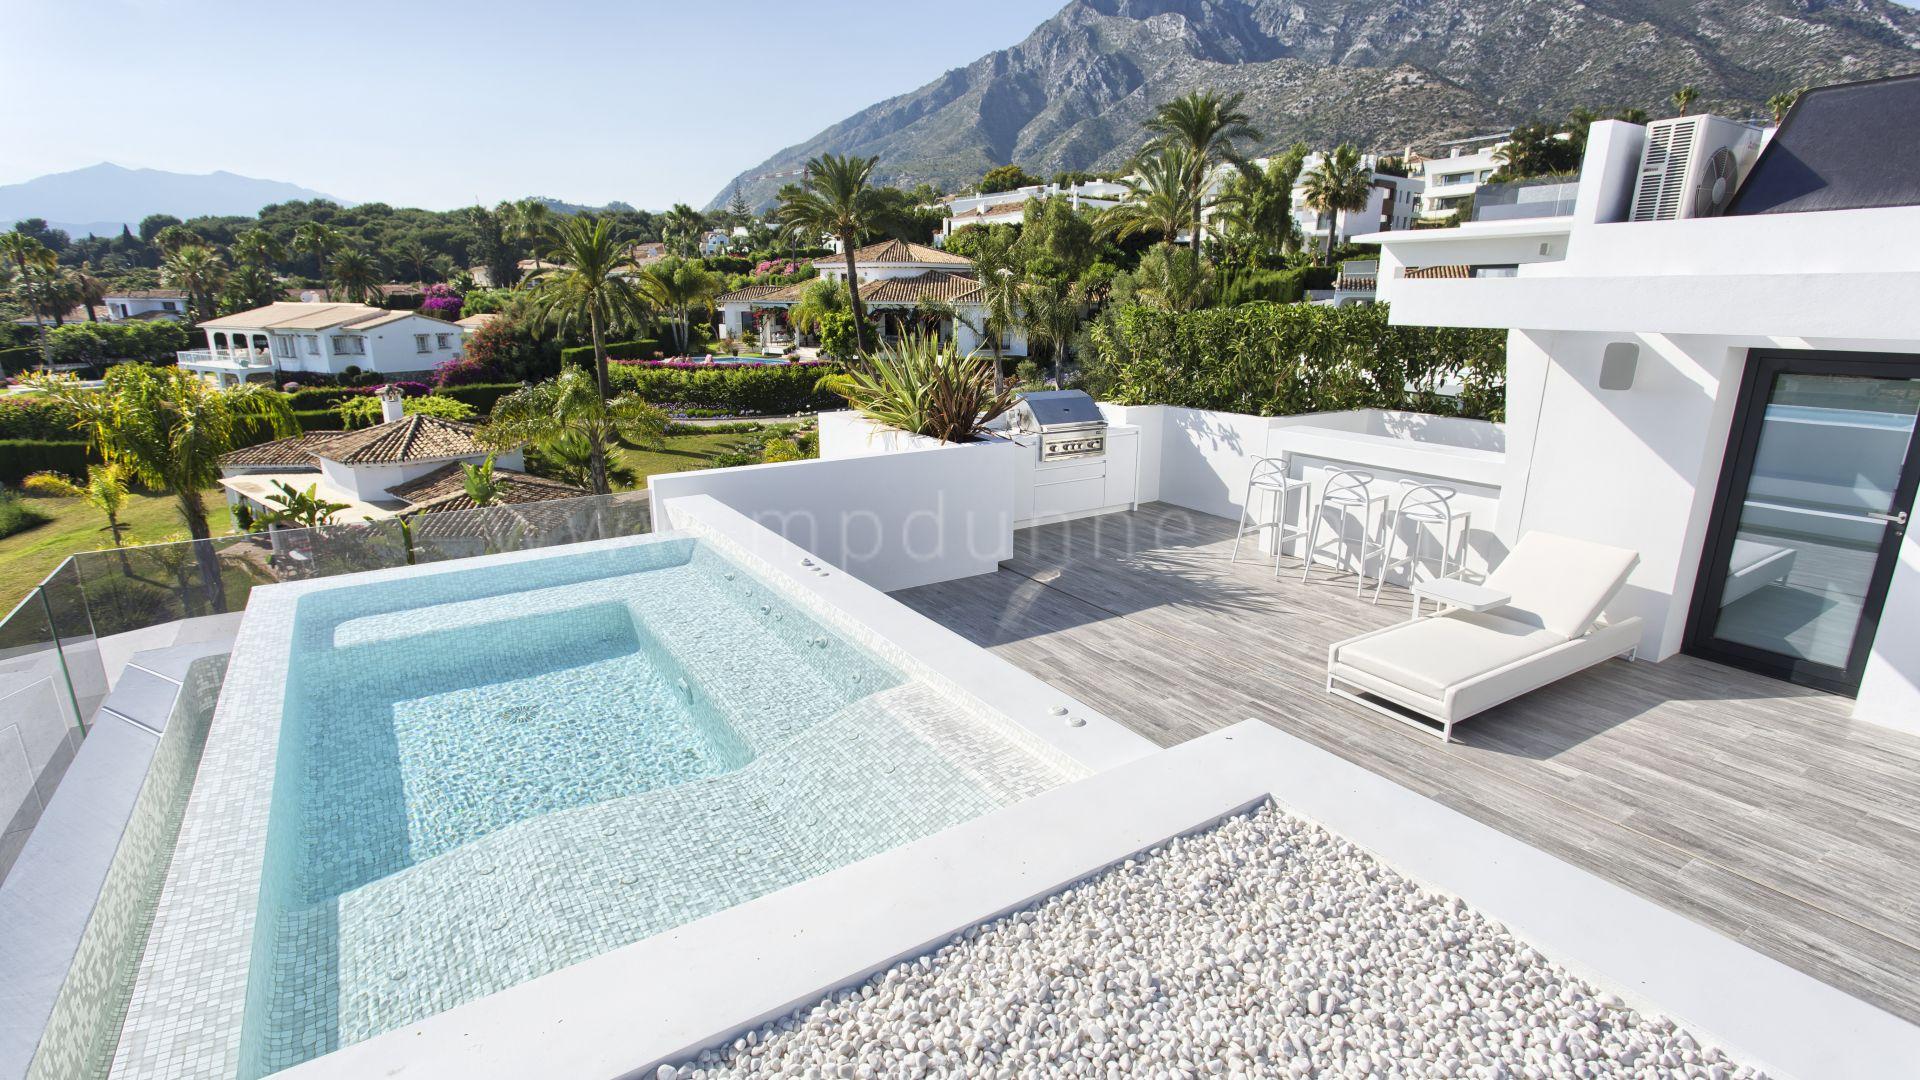 Marbella, Goldene Meile, Beeindruckende Villa im zeitgenössischen Stil